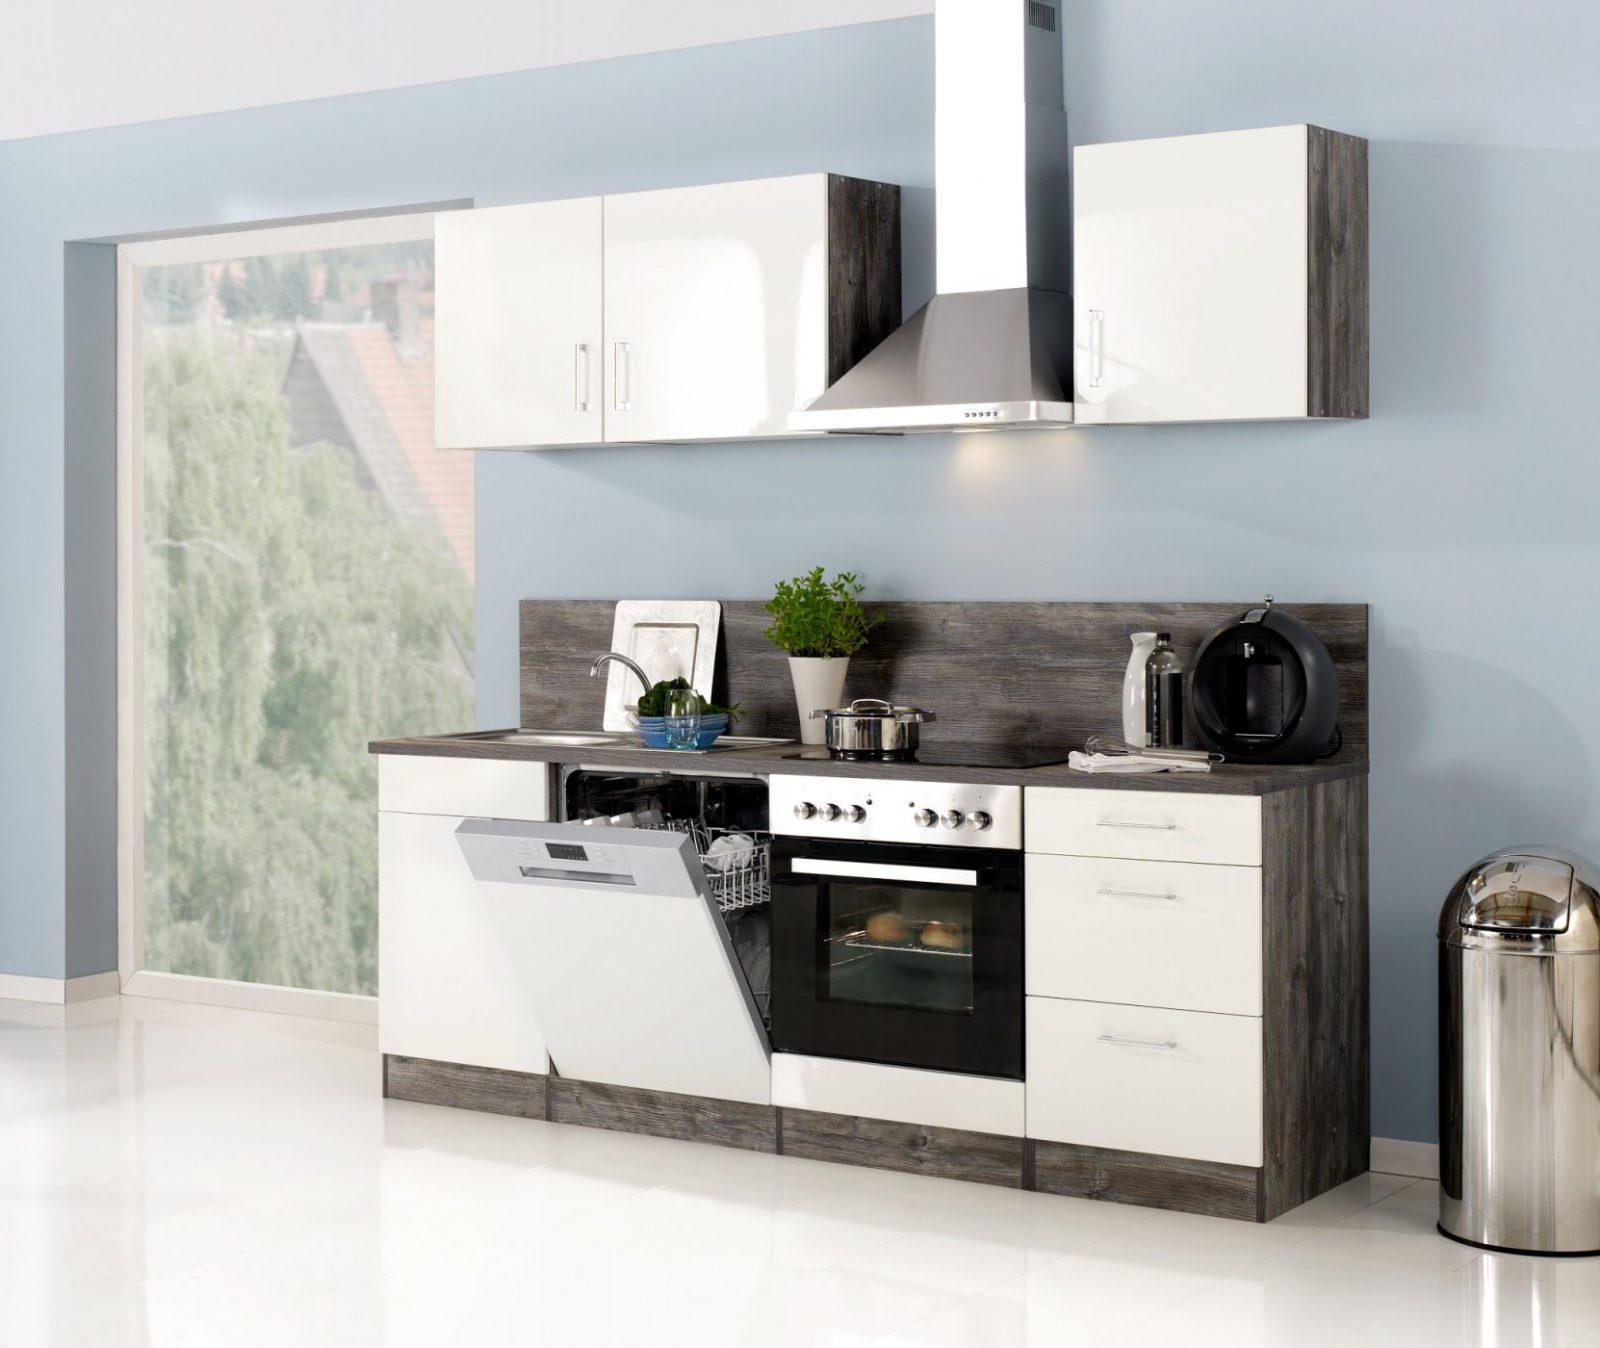 Küchenzeile Lissabon  Küche Mit Egeräten  Breite 220 Cm von Küchen Günstig Mit E Geräten Photo